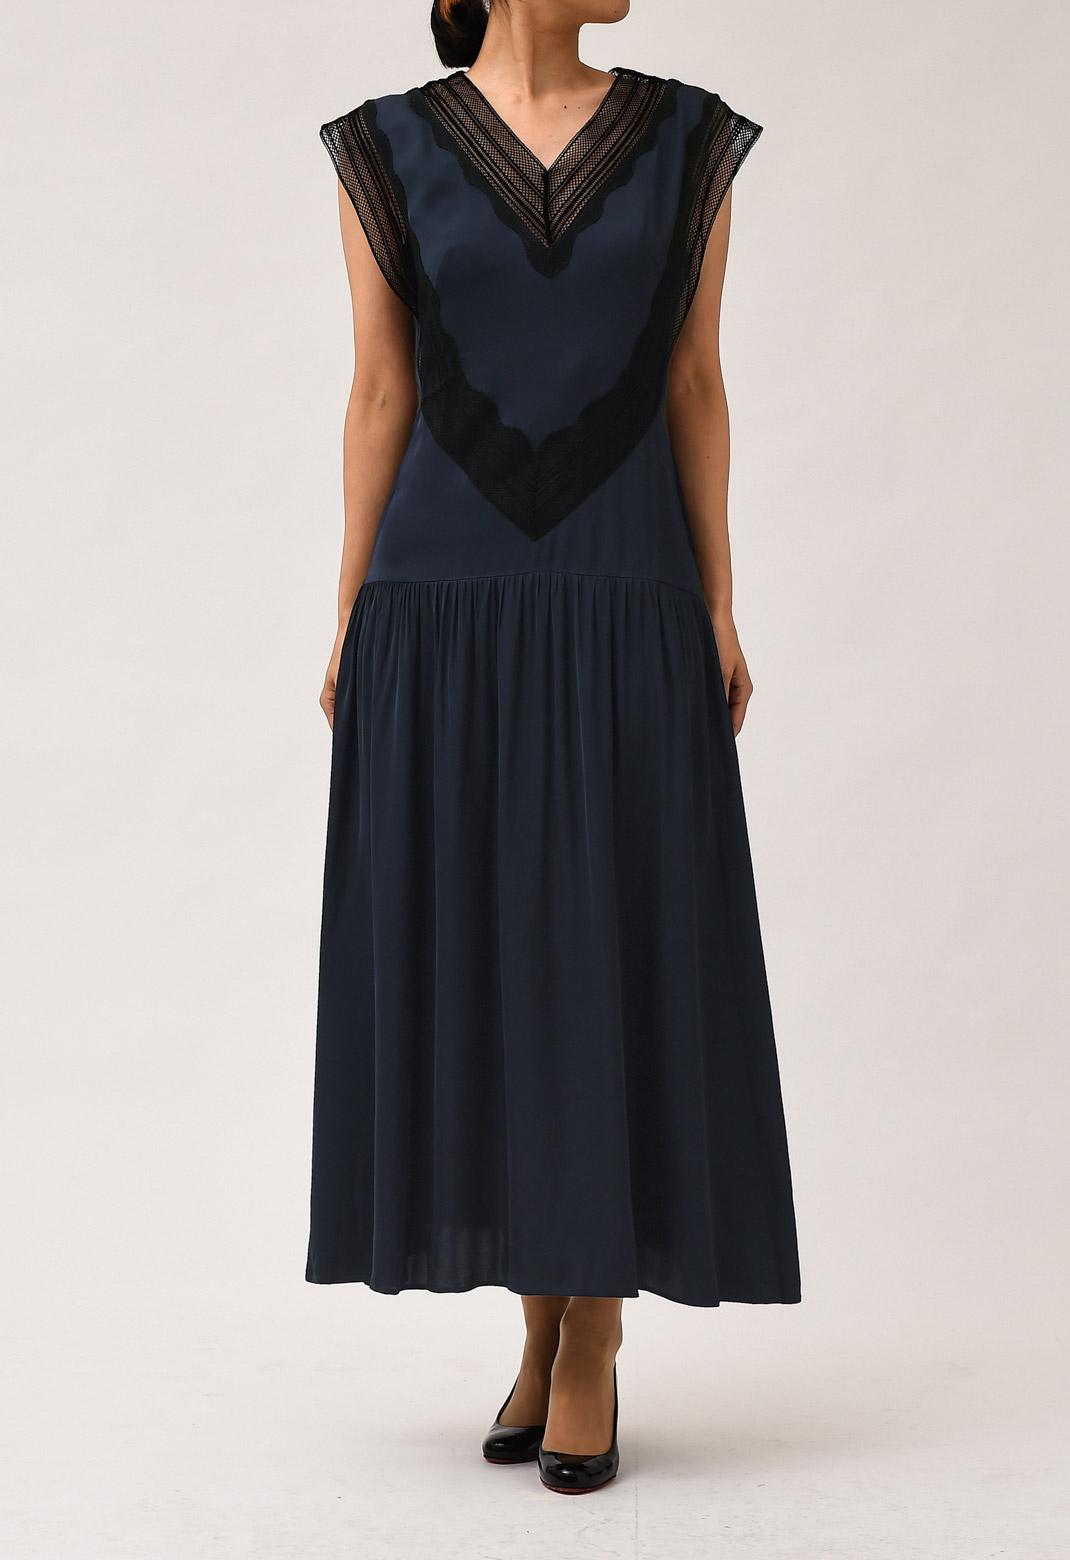 サテン× レース フレンチスリーブ ロング ドレス